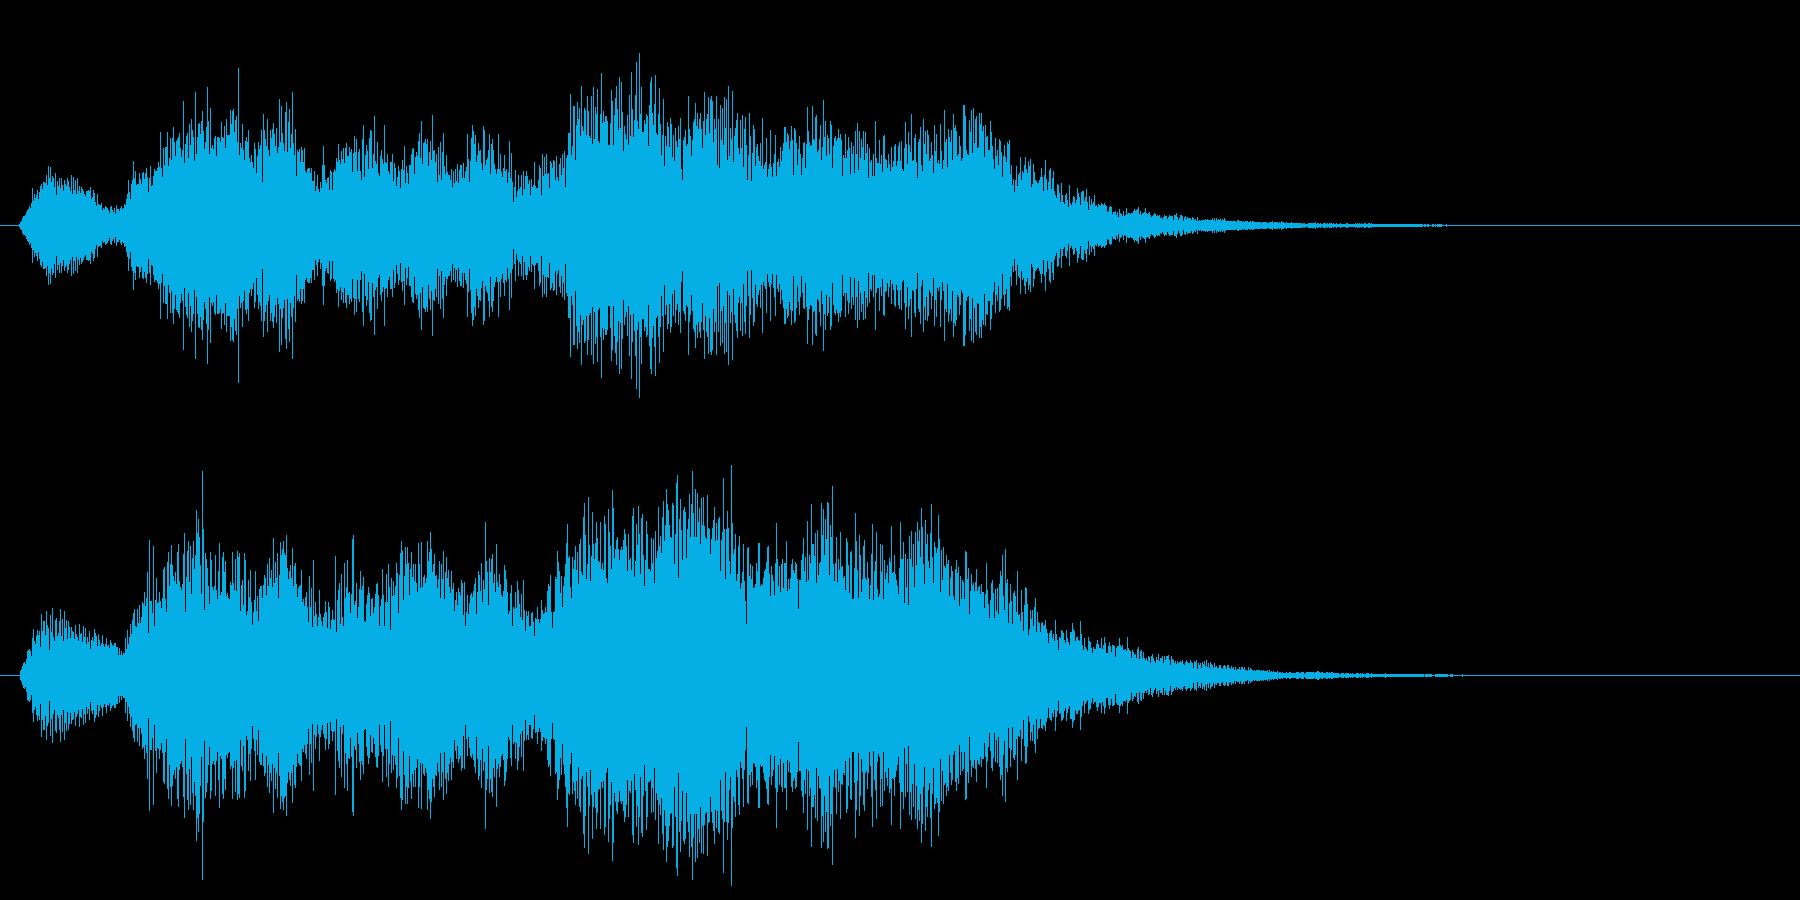 華やかで明るいファンファーレ2 金管のみの再生済みの波形